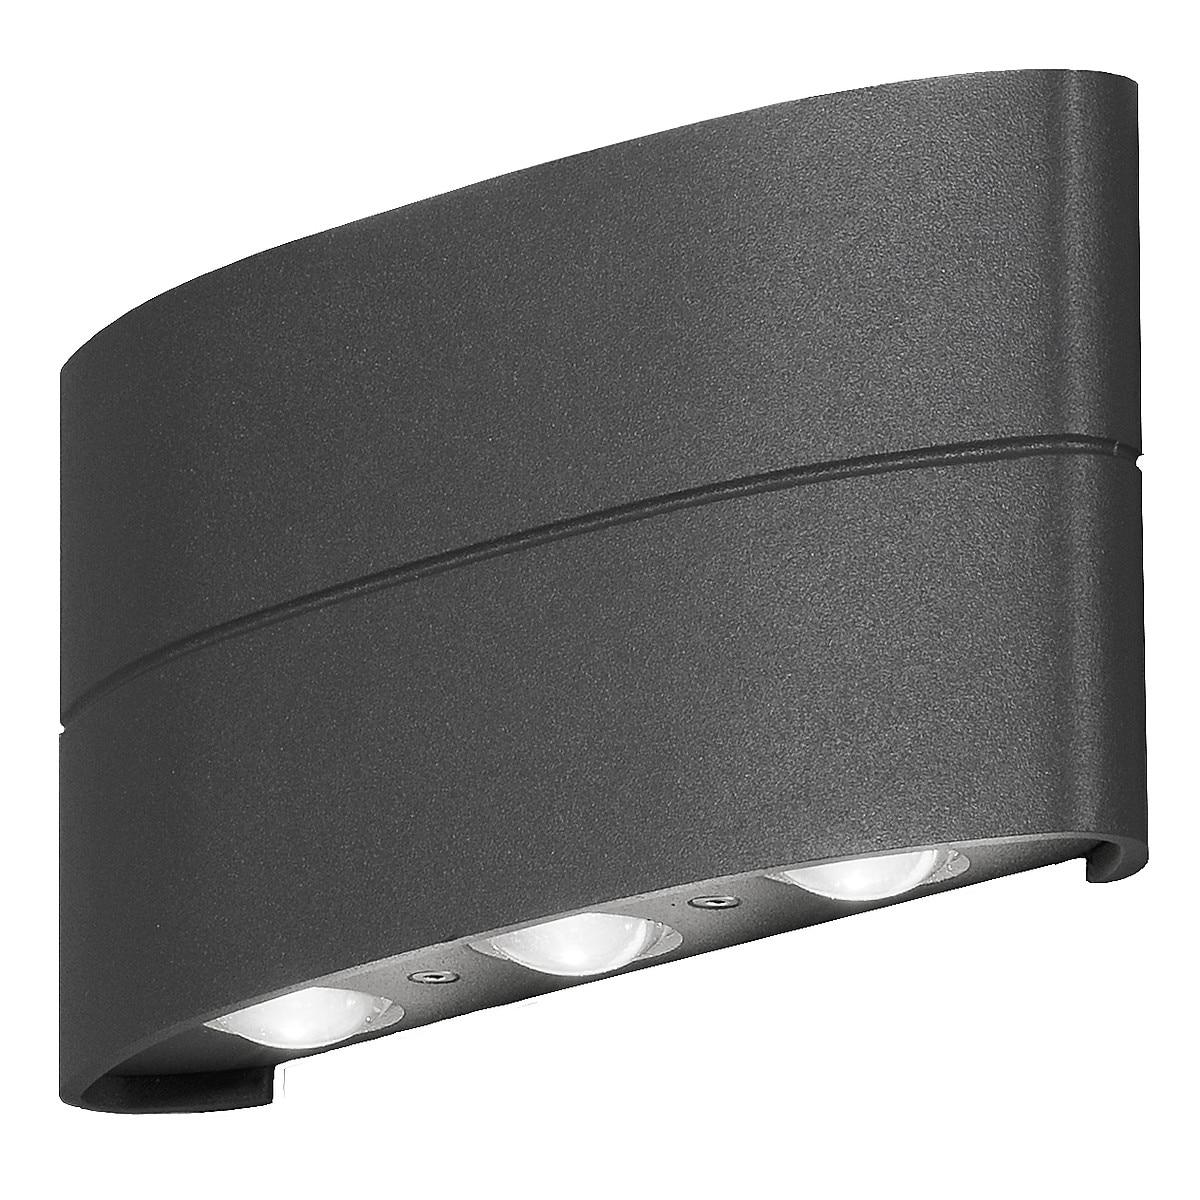 Seinäkohdevalaisin Chieri Konstsmide LED